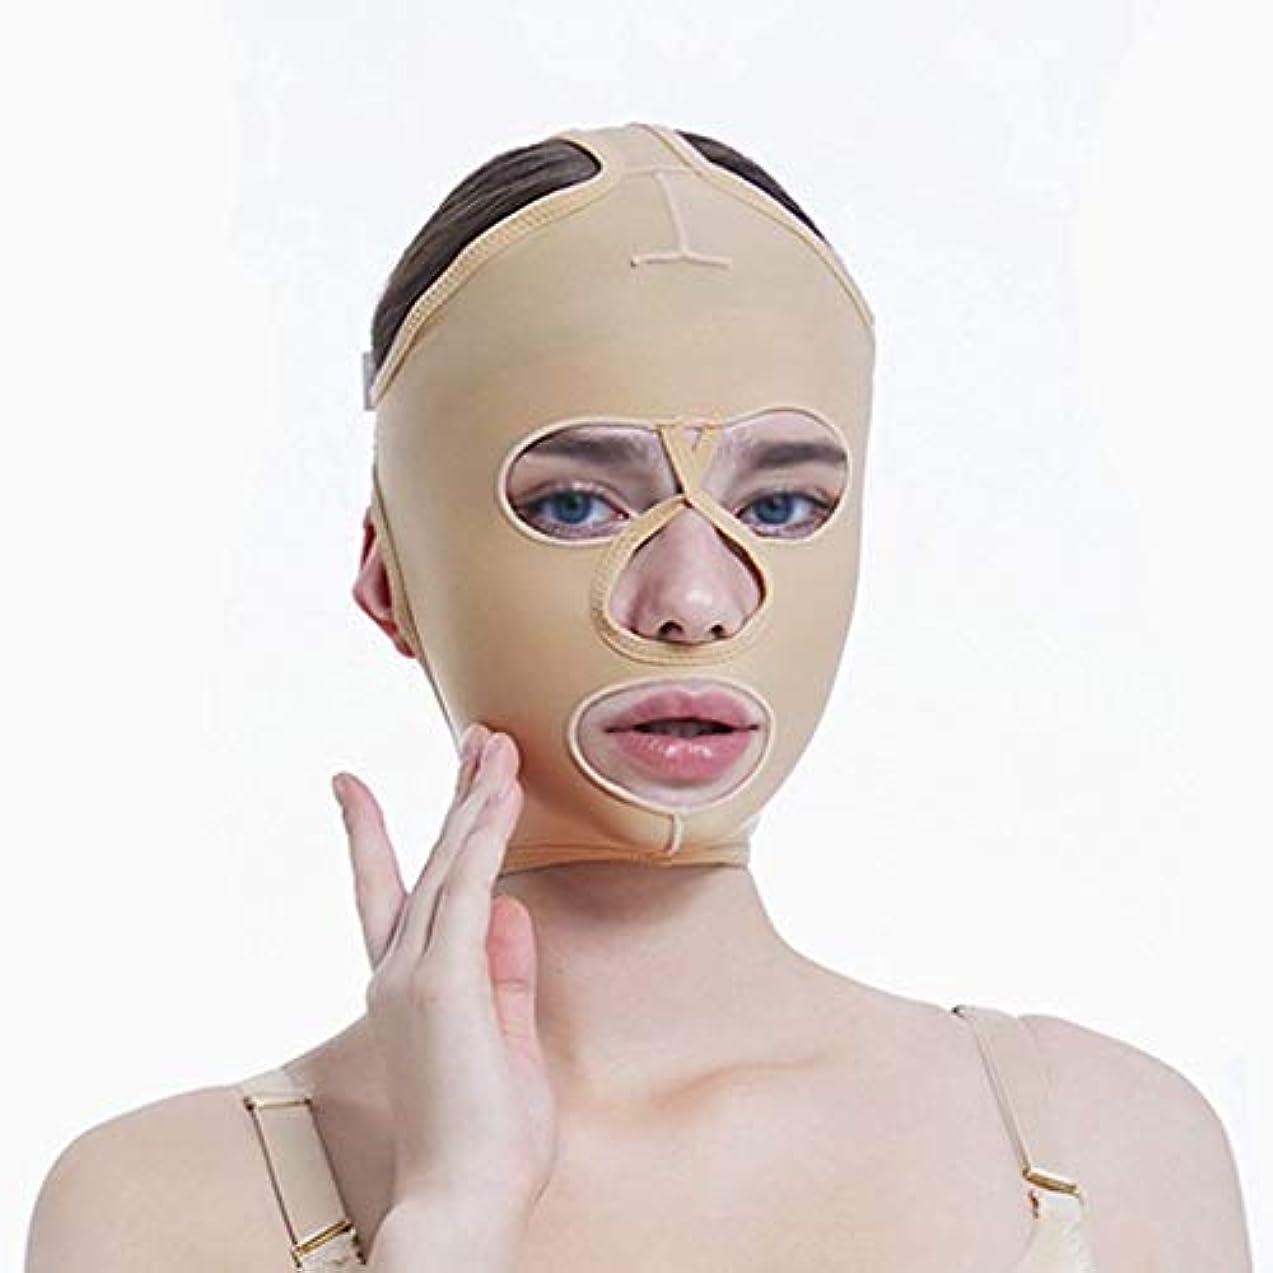 言語学に慣れ受信機チンリフティングベルト、超薄型ベルト、引き締めマスク、包帯吊り、フェイスリフティングマスク、超薄型ベルト、通気性(サイズ:L),XXL